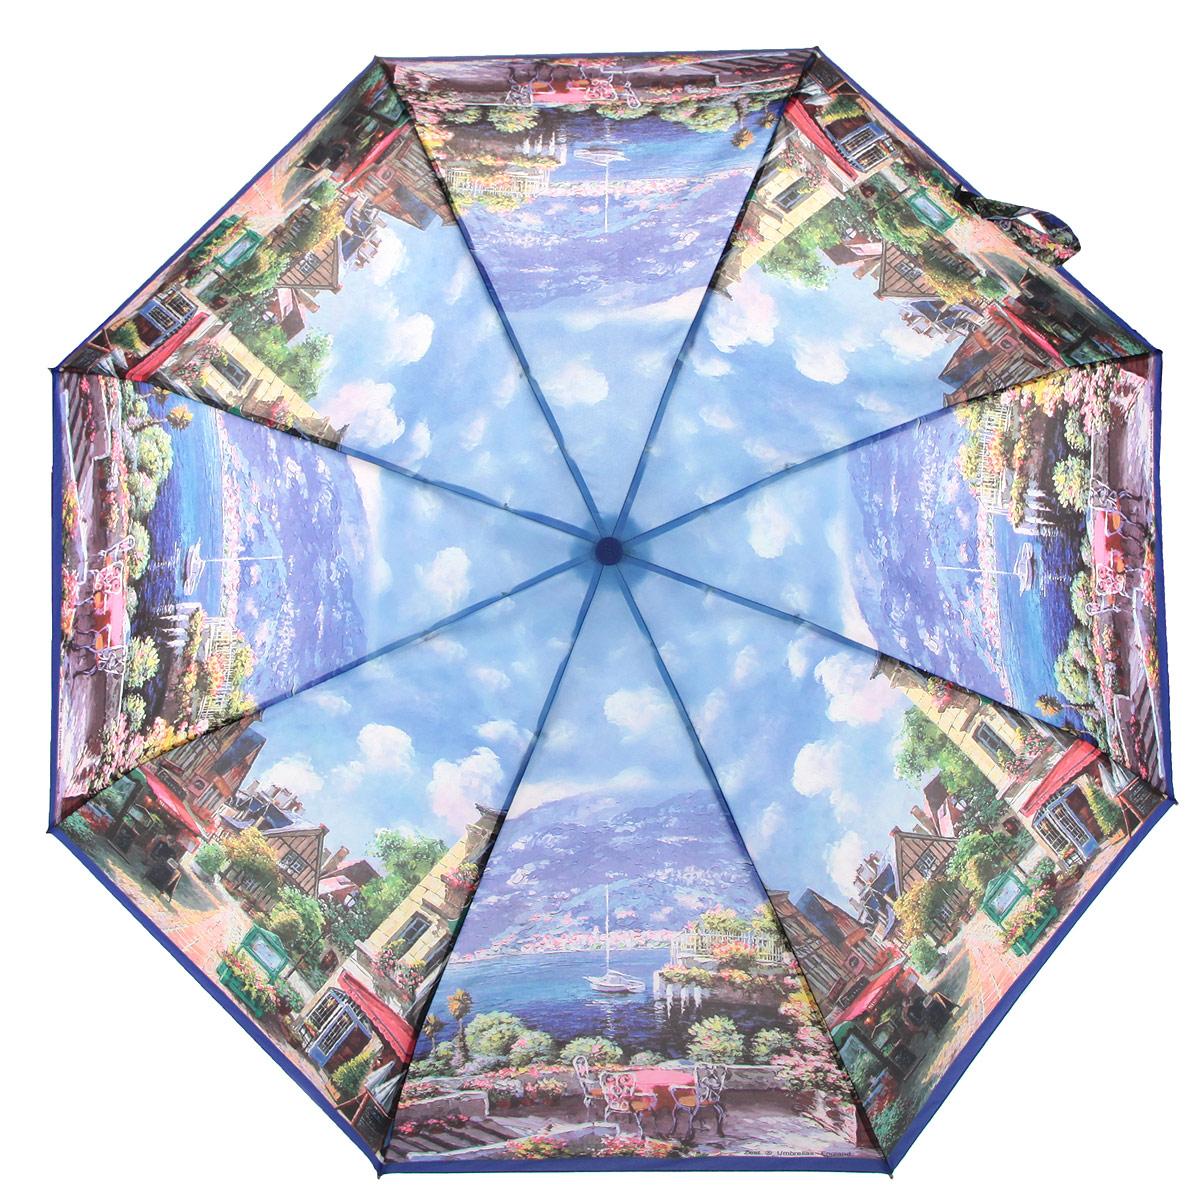 Зонт женский Zest, цвет: синий, мультицвет. 247555-03П250071001-22Стильный женский зонт ZEST с облегченным каркасом выполнен из алюминия с антикоррозийным покрытием, спицы из фибергласса, устойчивые к выгибанию. Купол зонта изготовленполиэстера с водоотталкивающей пропиткой. Закрытый купол застегивается на липучку хлястиком. Практичная рукоятка закругленной формы разработана с учетом требований эргономики и выполнена из пластика.Зонт оснащен автоматическим механизмом и чехлом.Такой зонт не только надежно защитит от дождя, но и станет стильным аксессуаром.